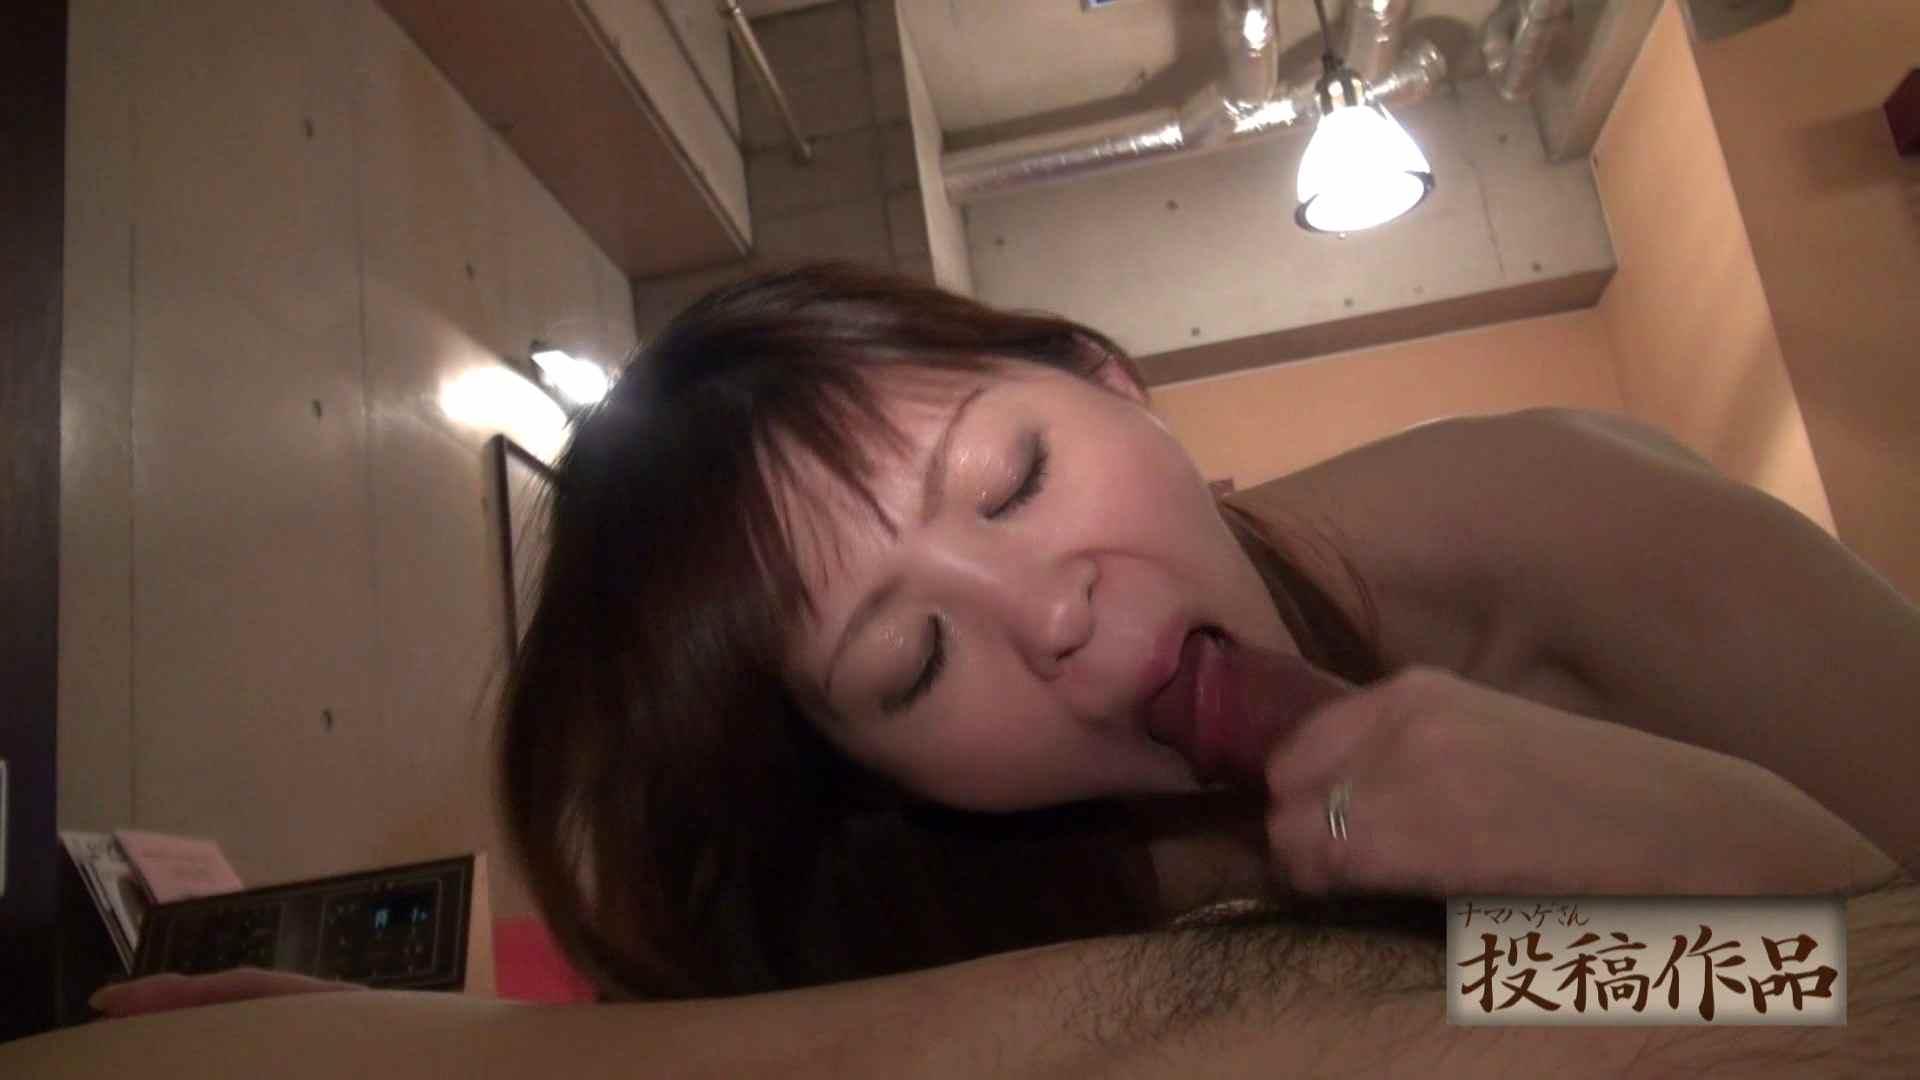 ナマハゲさんのまんこコレクション第二章 hinata 02 おまんこ娘 AV無料 72連発 54